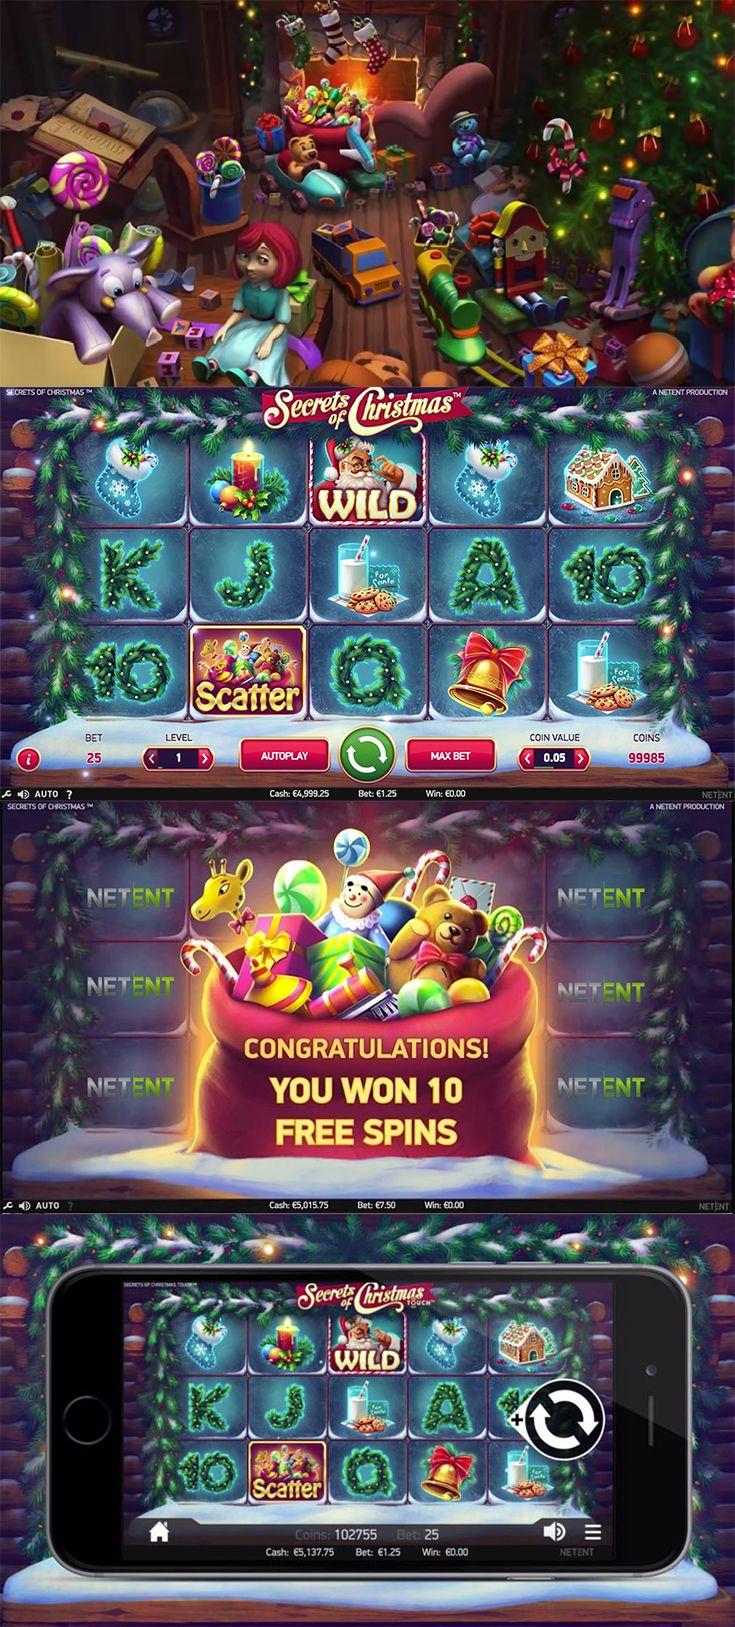 Winner ritprogram NetEnt casino netEntertainment